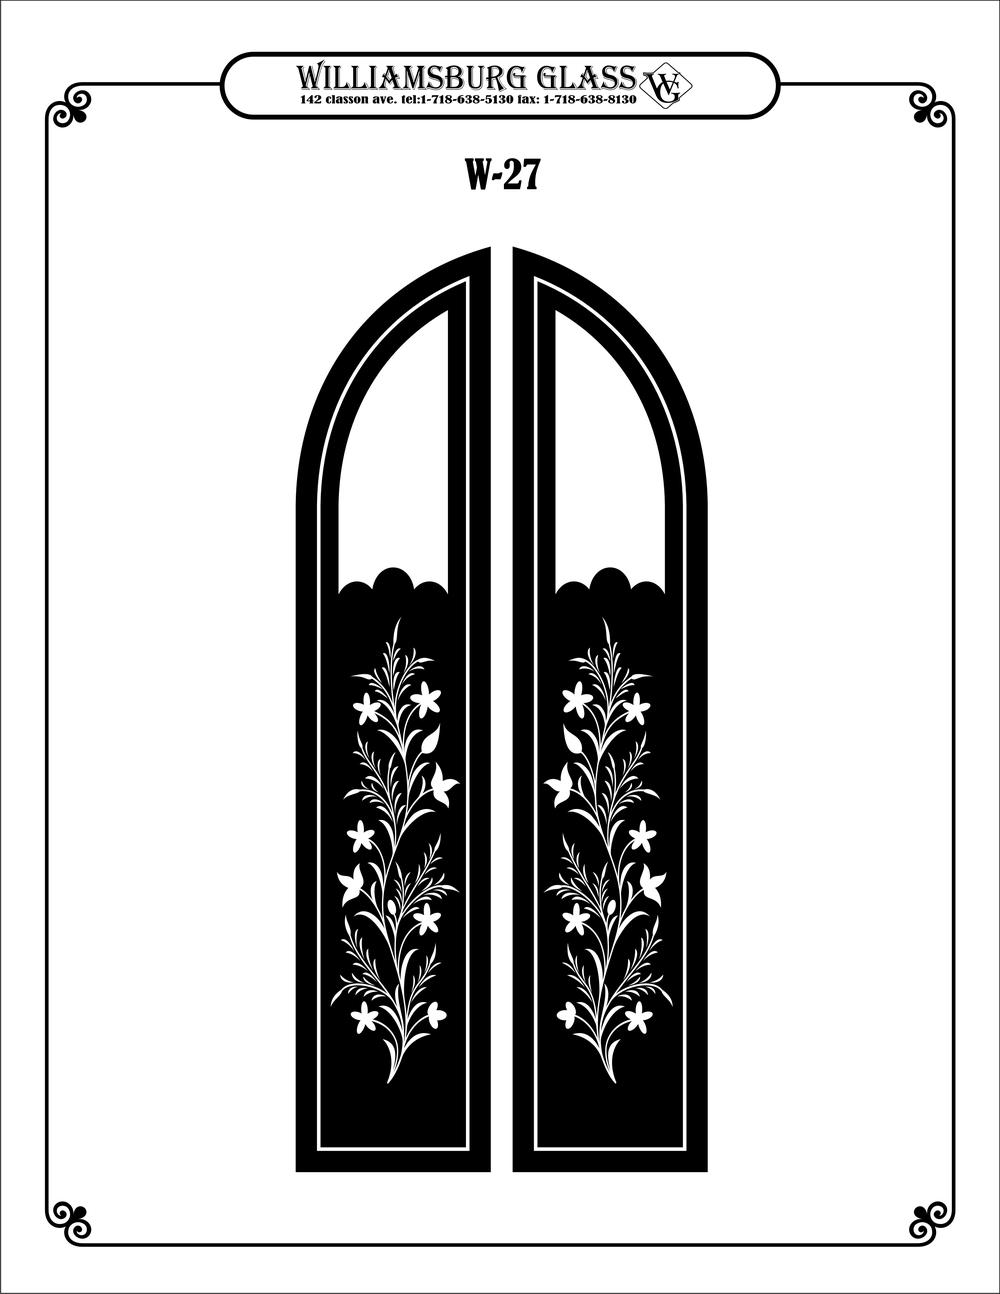 WG-27.jpg